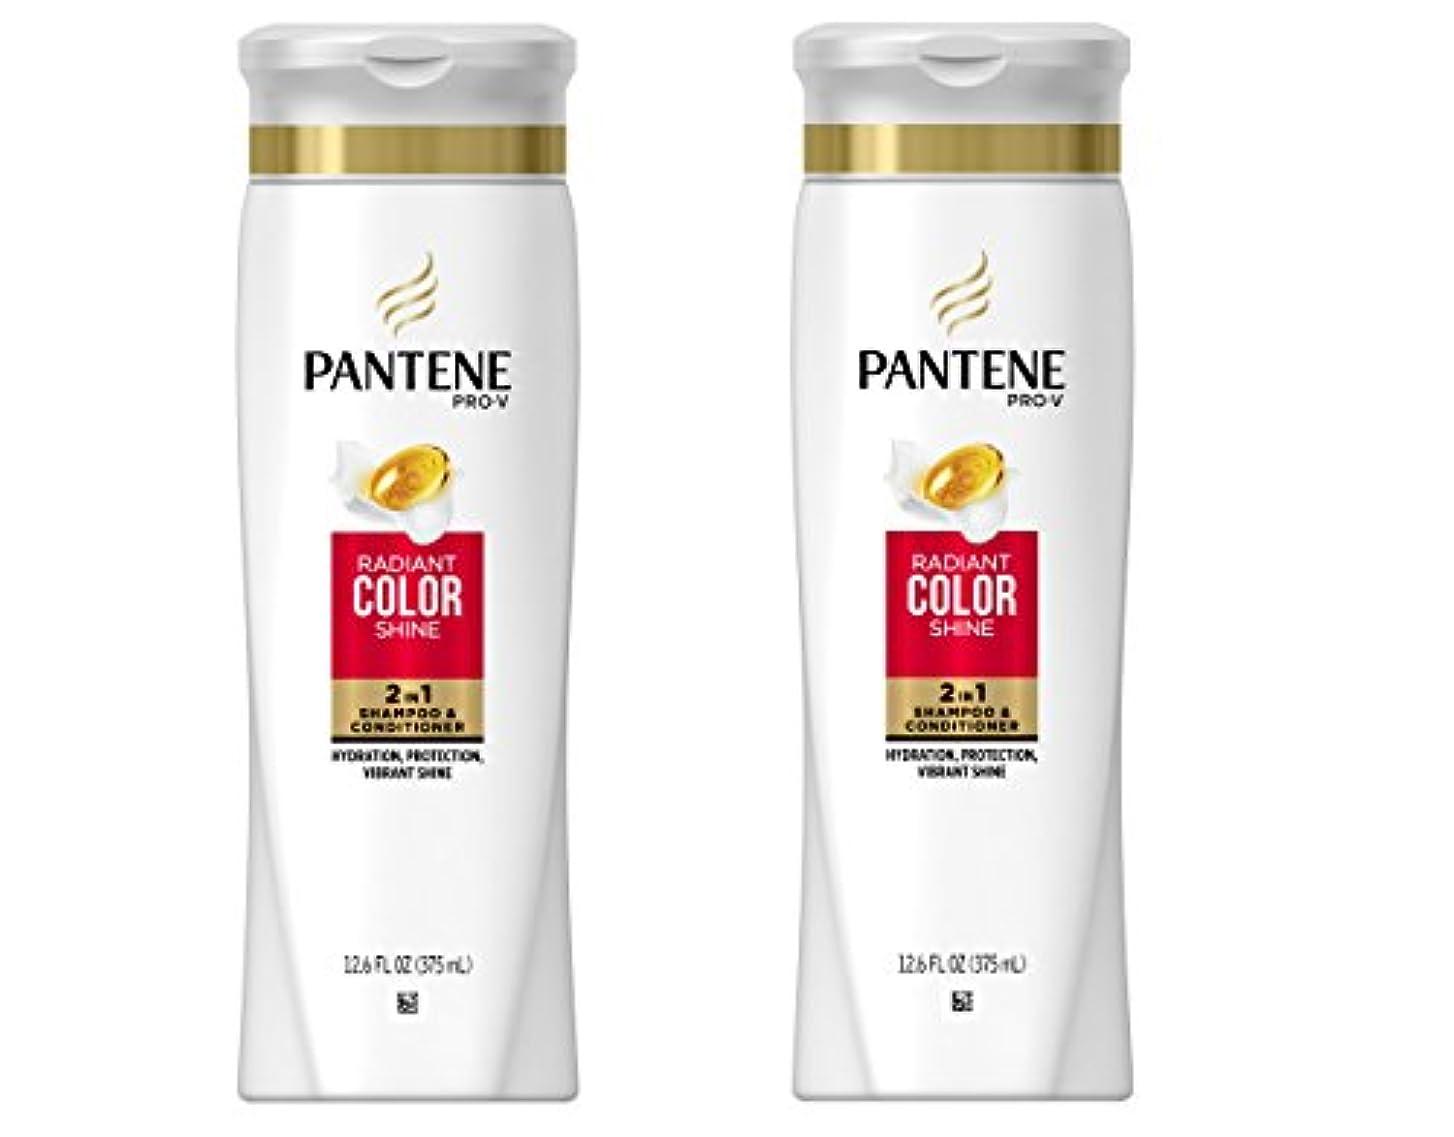 教室線正義Pantene プロVラディアン色鮮やかな輝きを放つドリームケアの2in1シャンプー&コンディショナーシャイン12.6オズ(2パック) 12.6オンス(2パック) プロV色リバイバル磨きの2in1シャンプーとコンディショナー